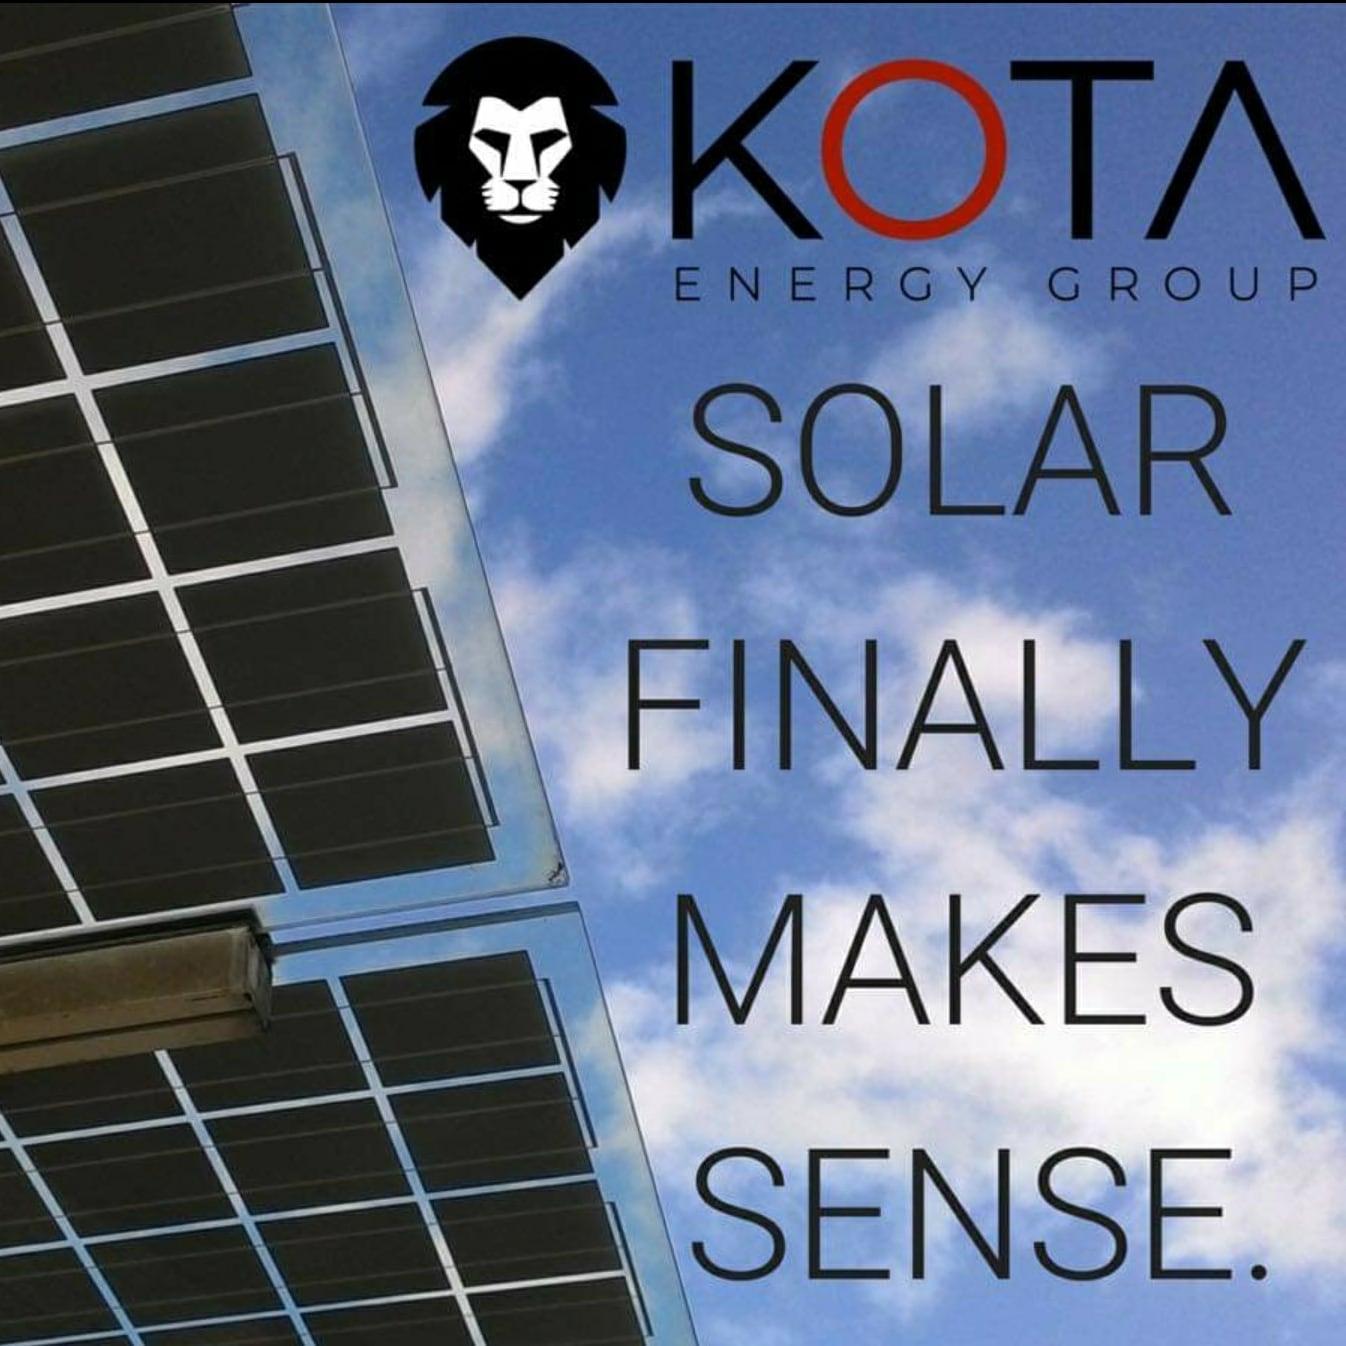 KOTA Energy Group Antelope Valley / Kristin Nissen